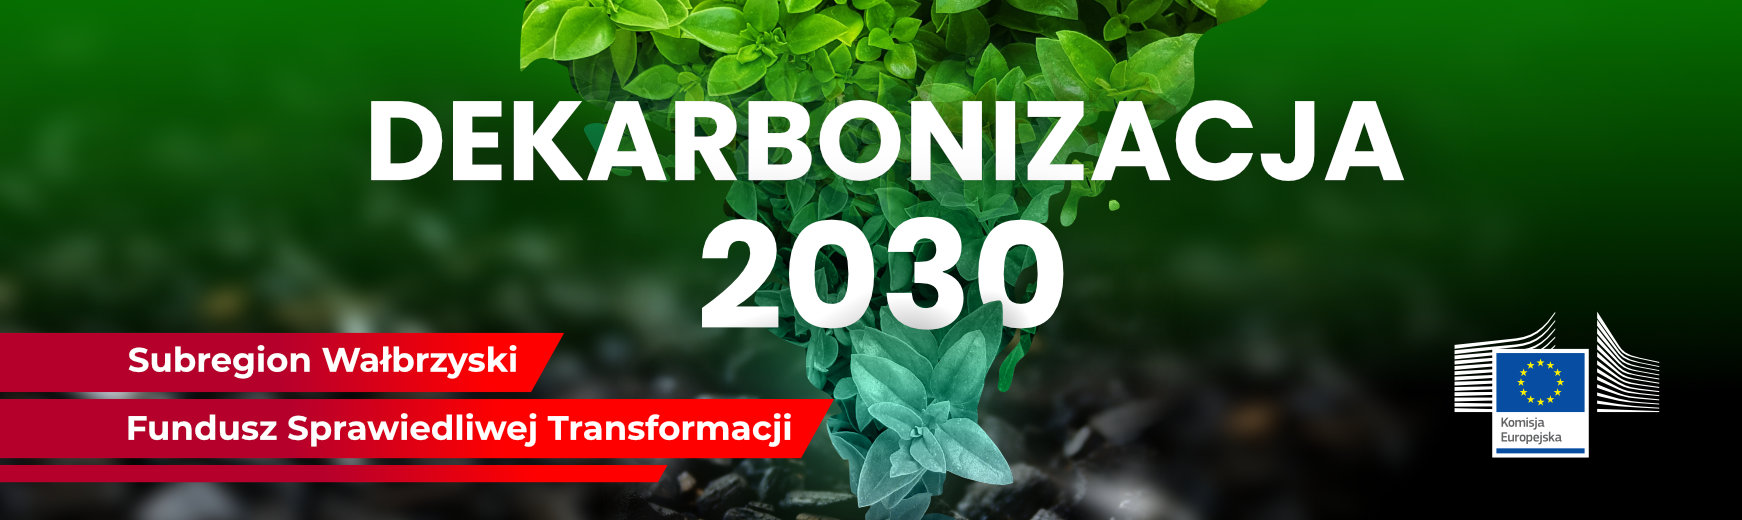 Dekarbonizacja 2030